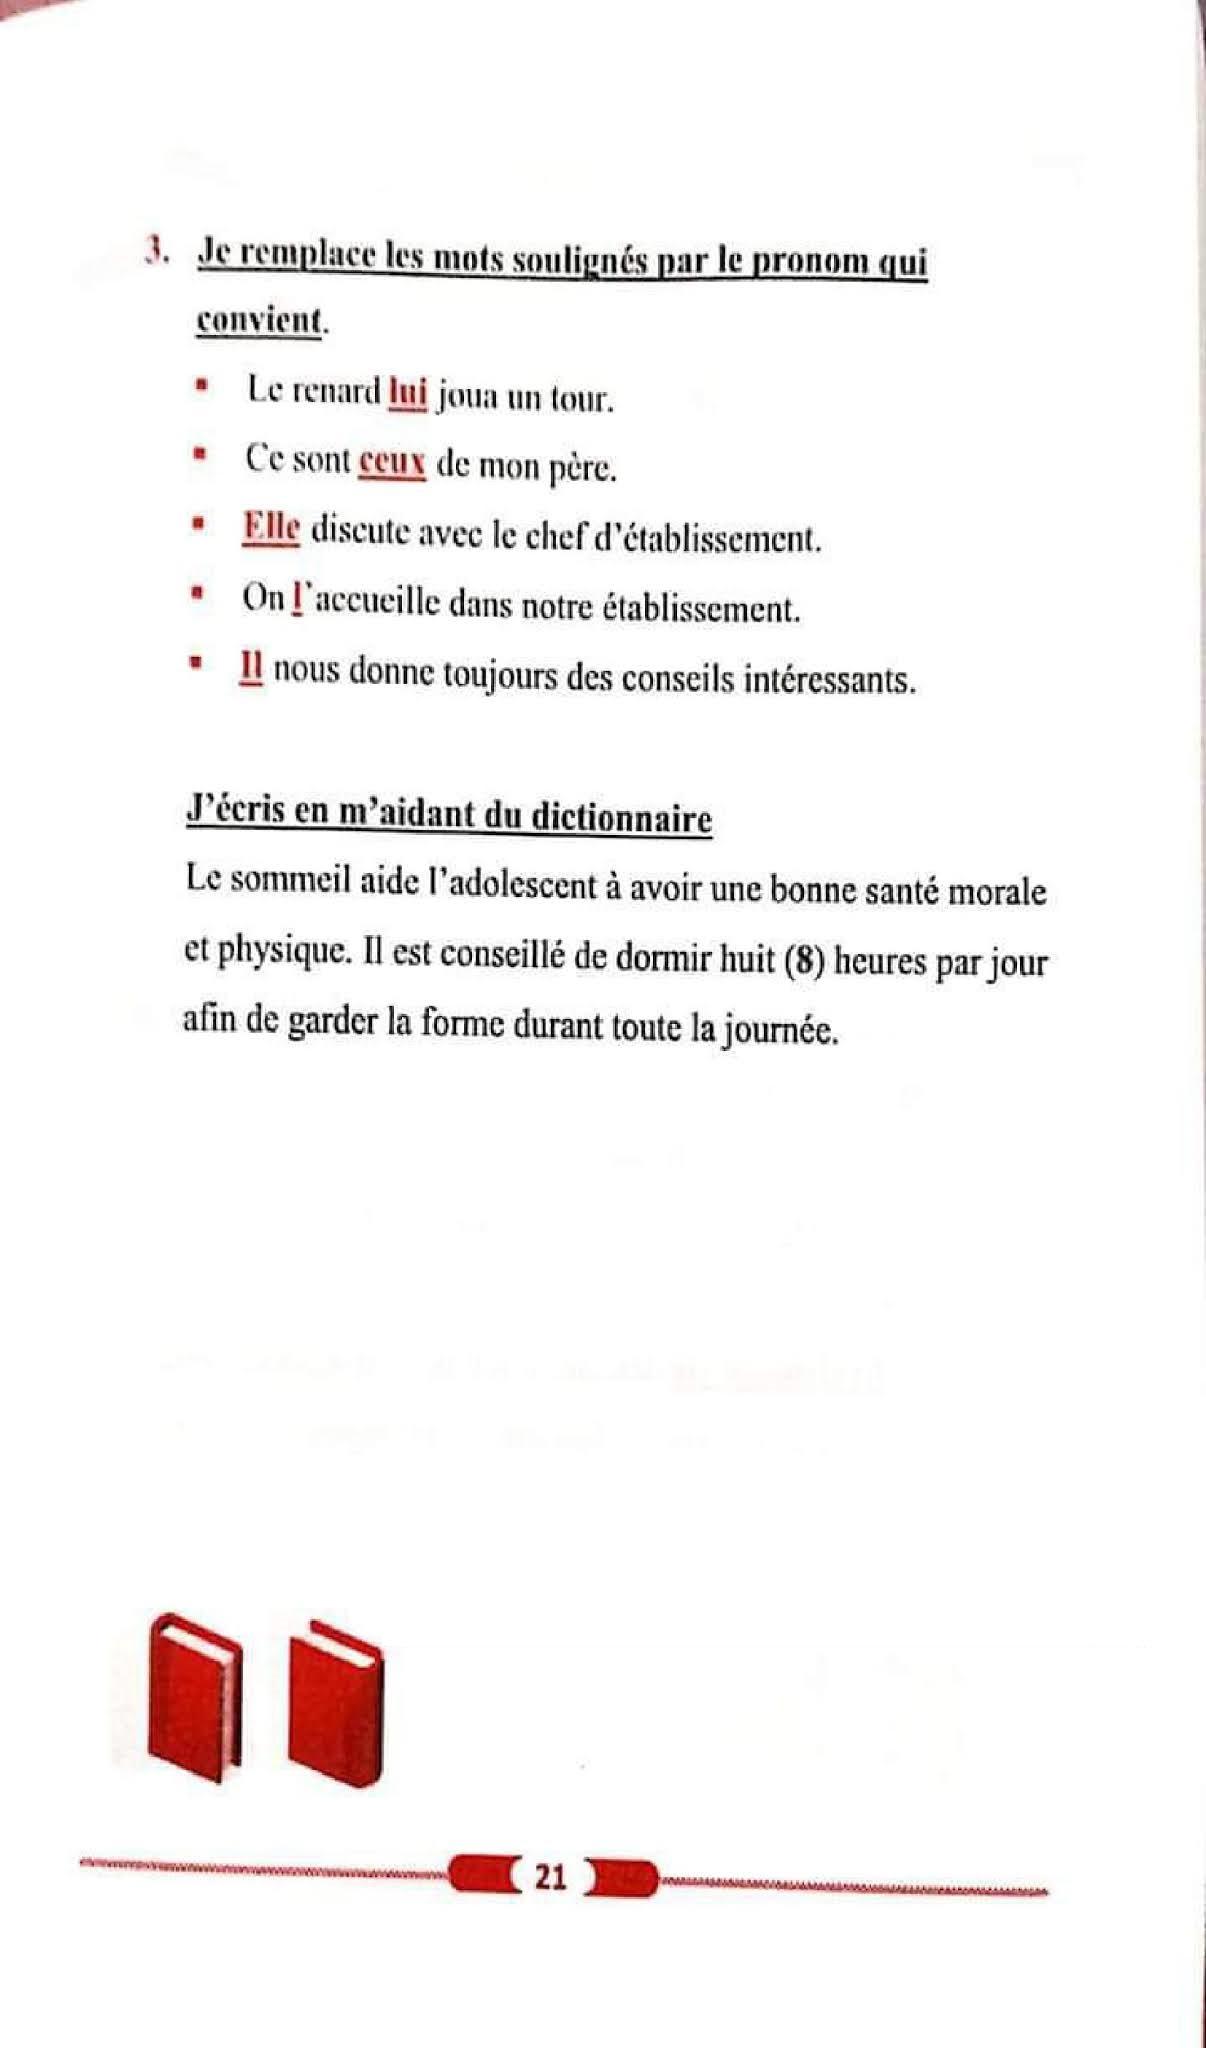 حل تمارين صفحة 21 الفرنسية 1 متوسط الجيل الثاني